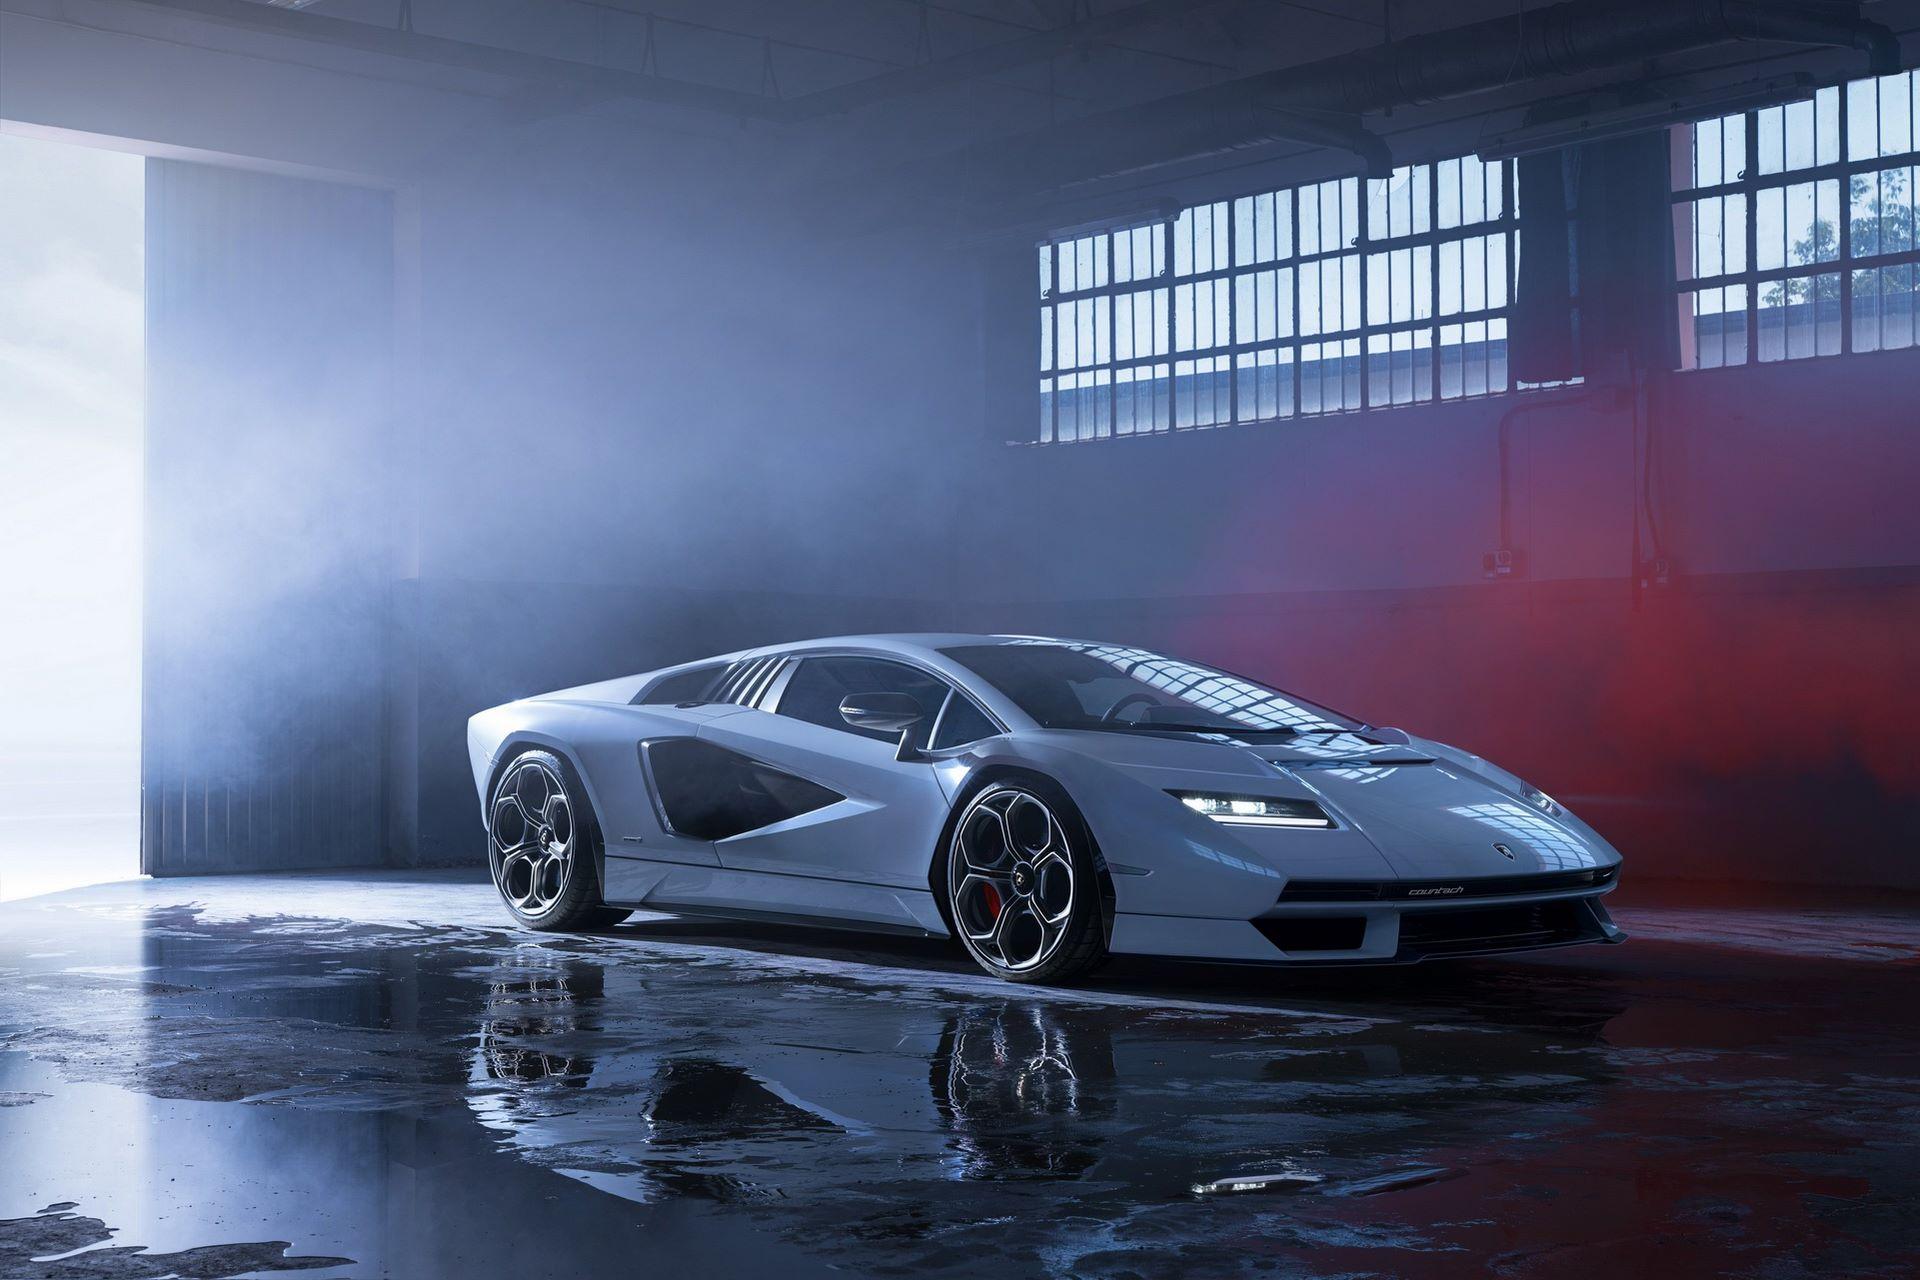 Lamborghini-Countach-LPI-800-4-83